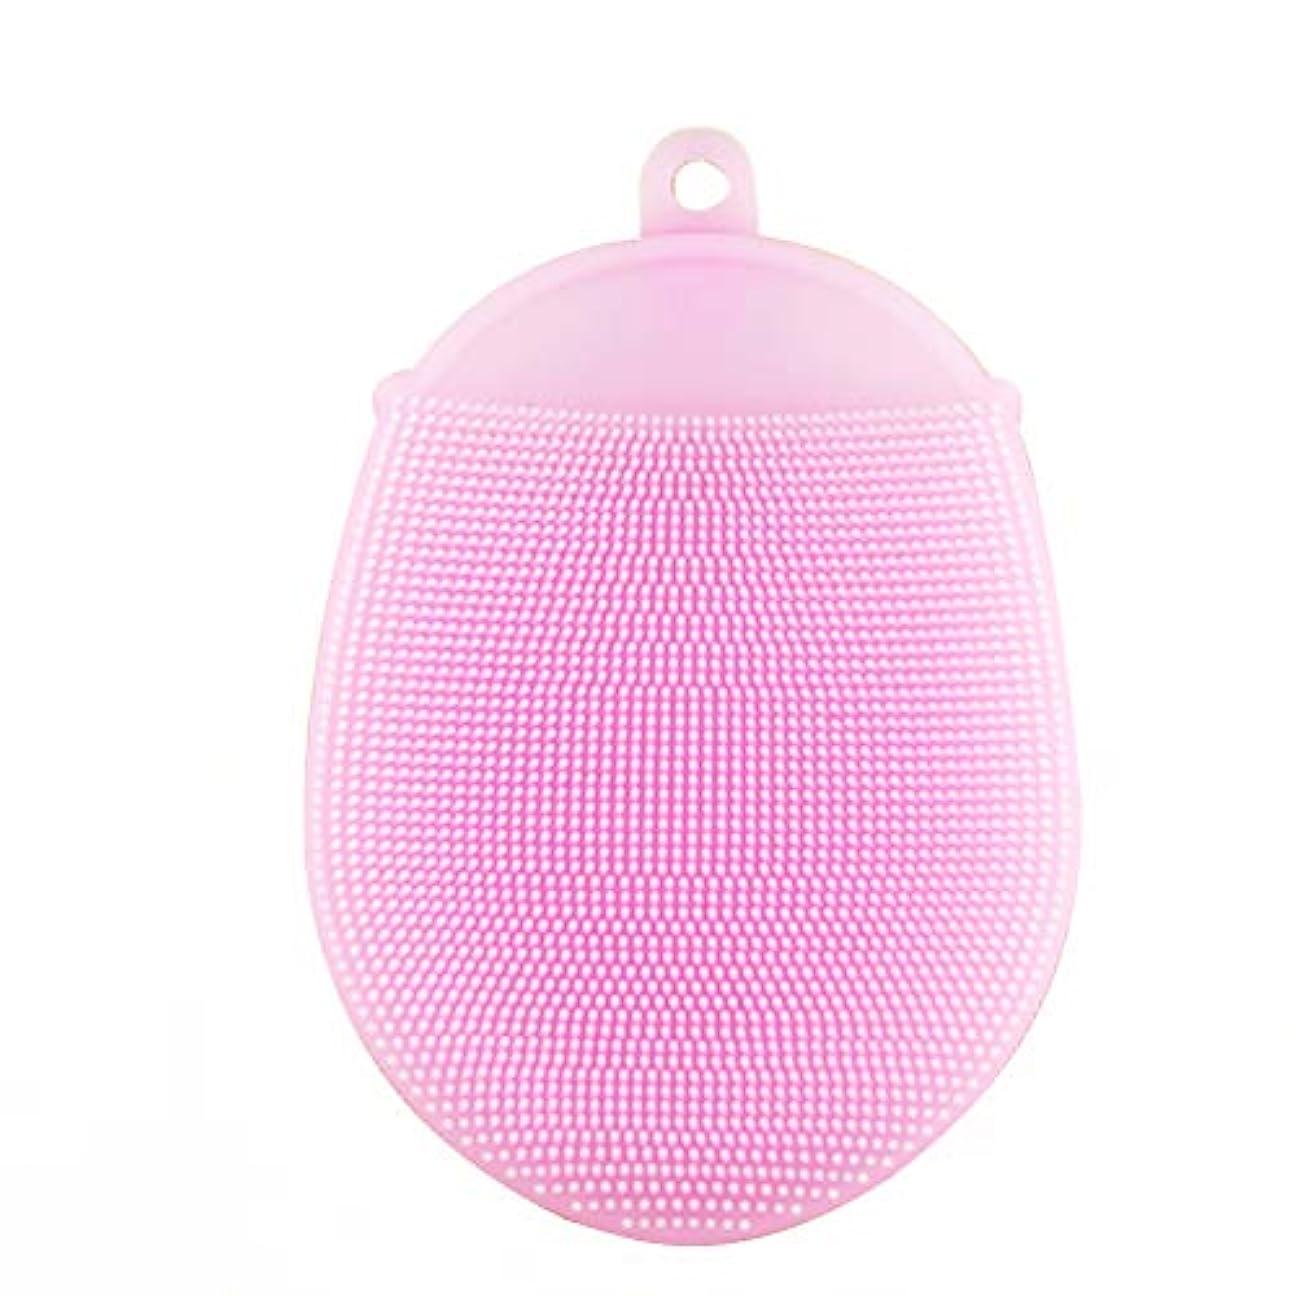 組裏切りハプニングHealifty シリコンバスブラシシャワースクラバー2本(ピンク)